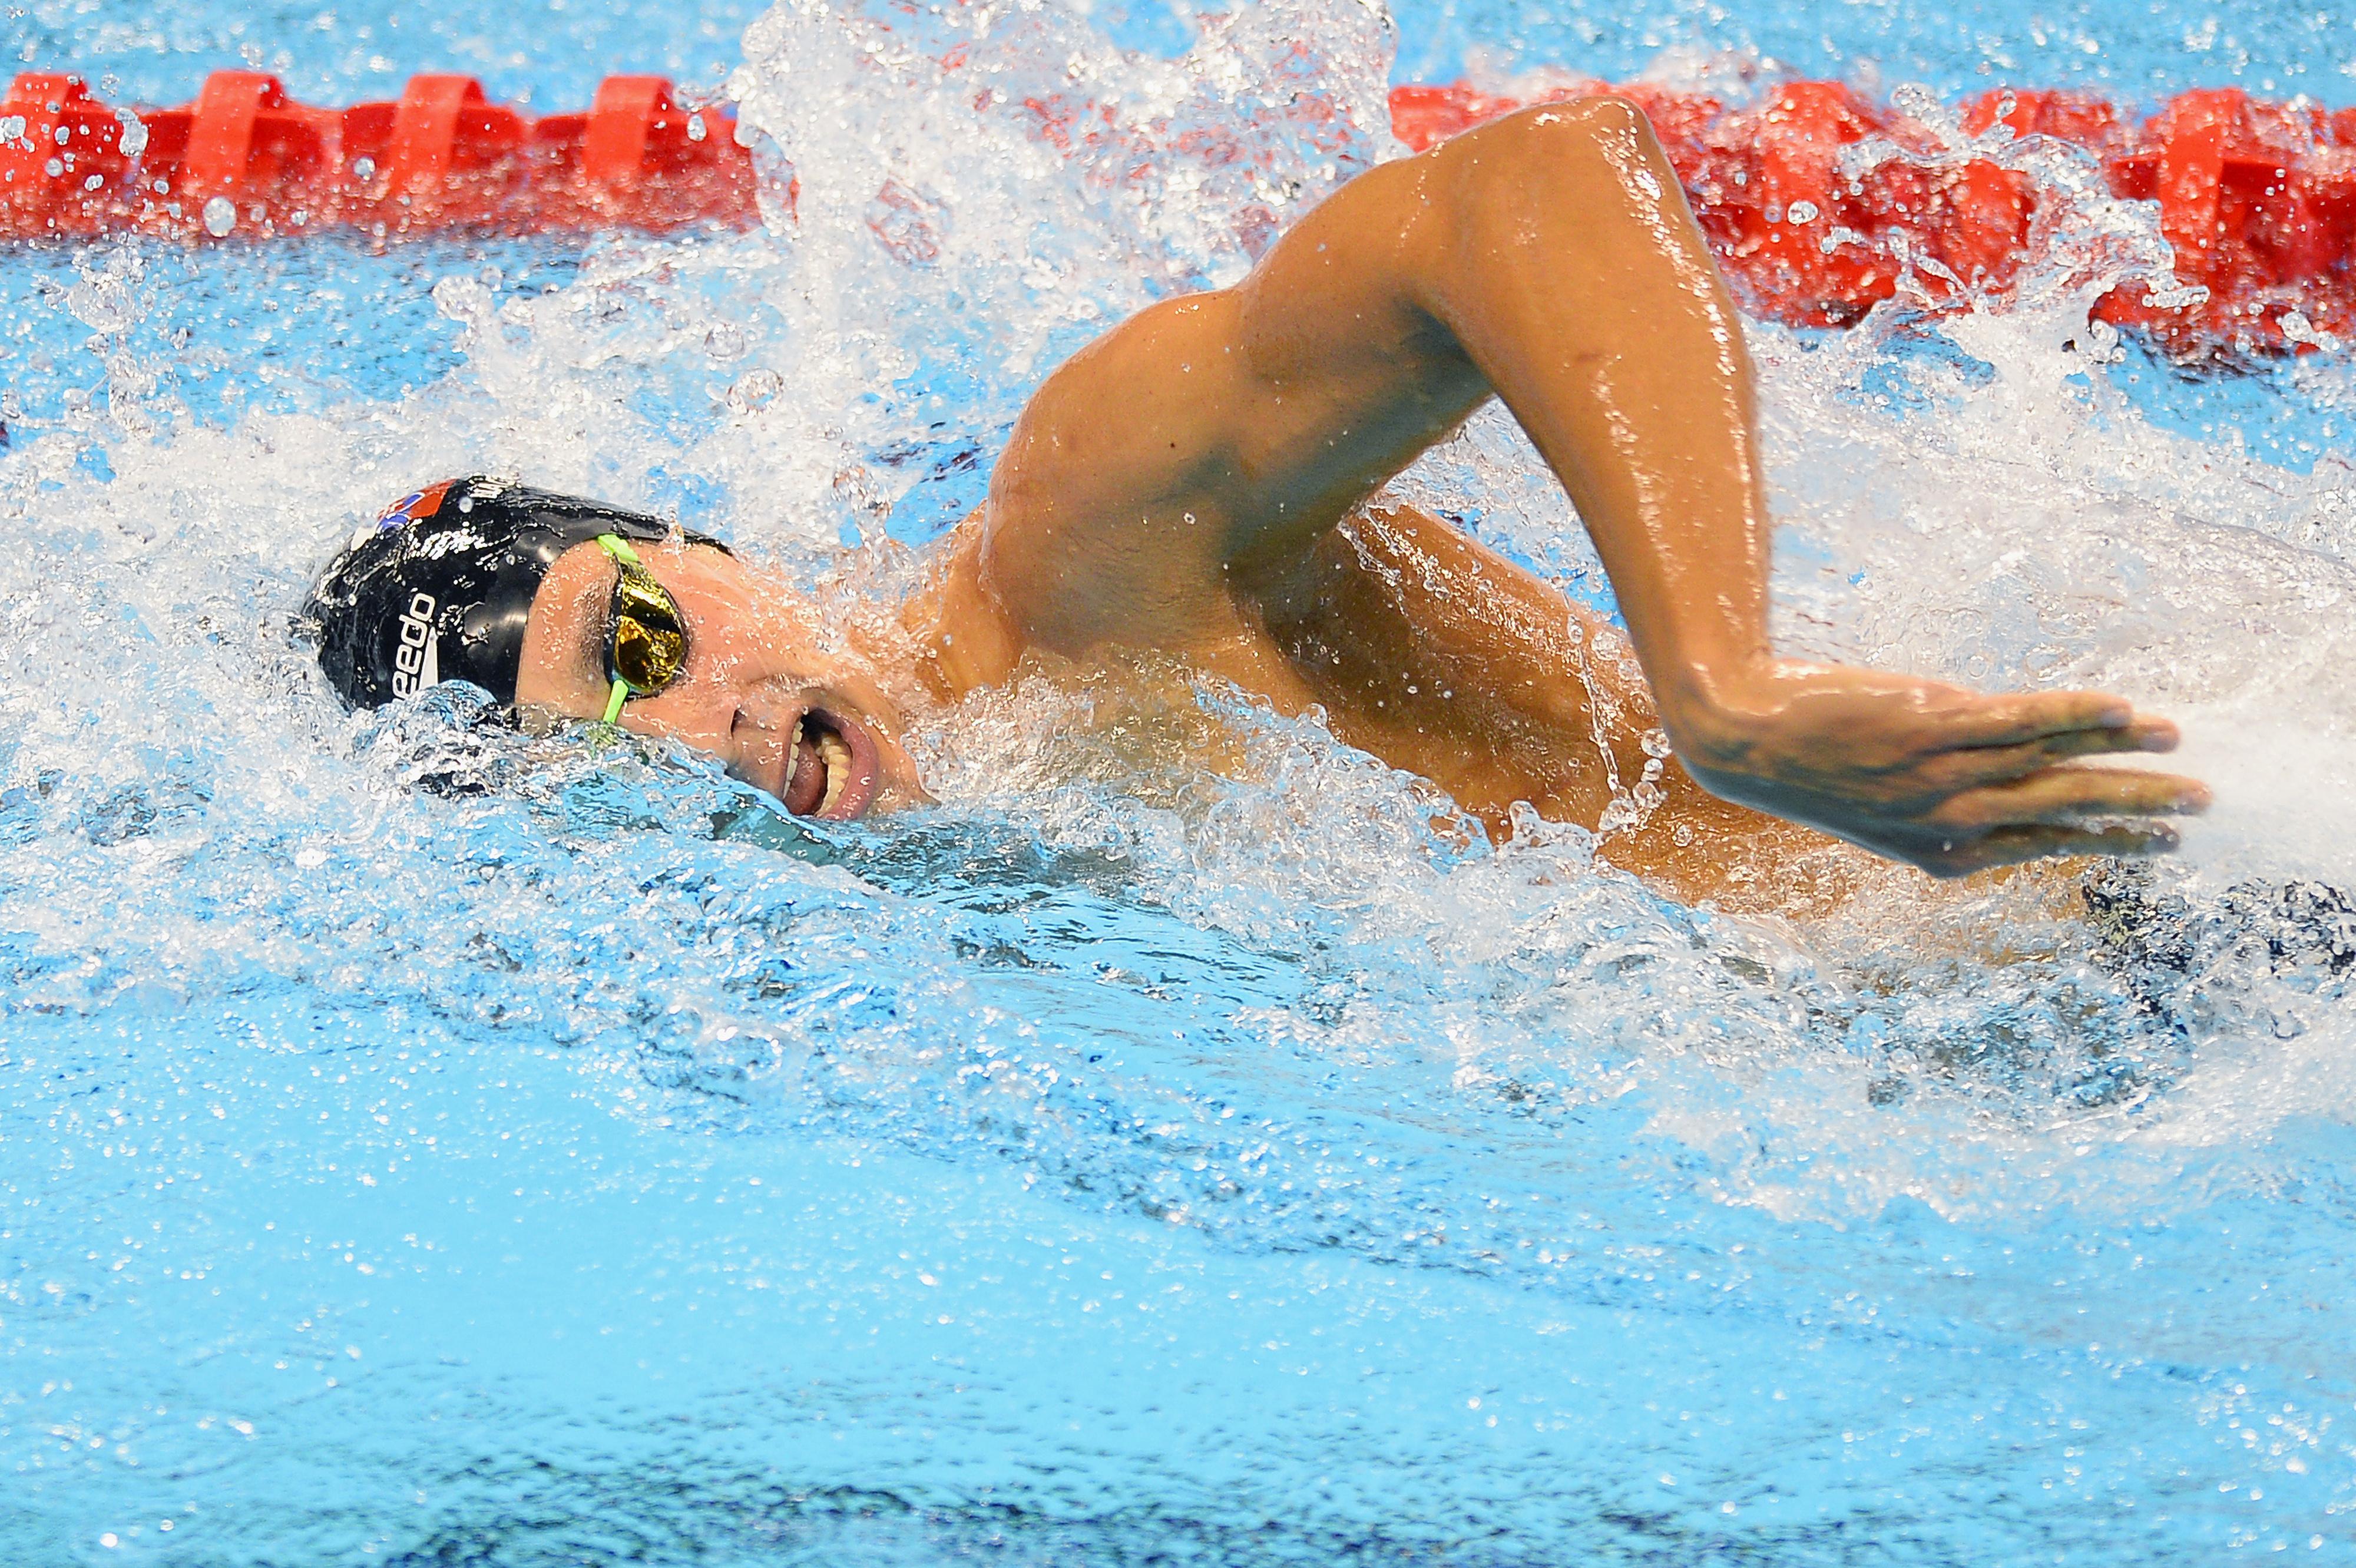 Nagy o Phelpsovi: Je to fenomén